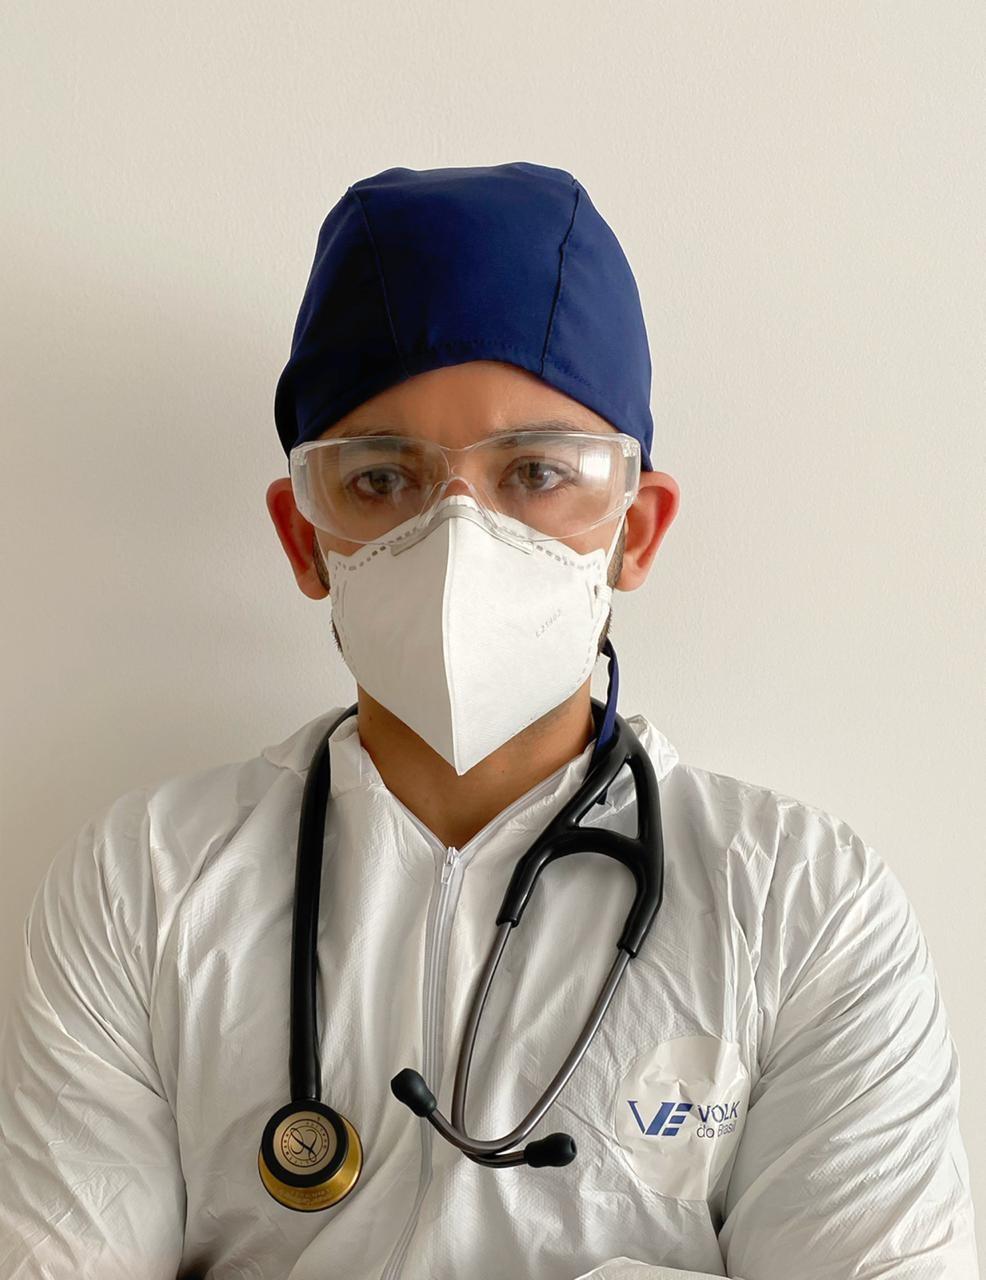 Médico em Divinópolis fala sobre lutas e desafios no período de pandemia do novo coronavírus: 'aprendizado e fortalecimento'